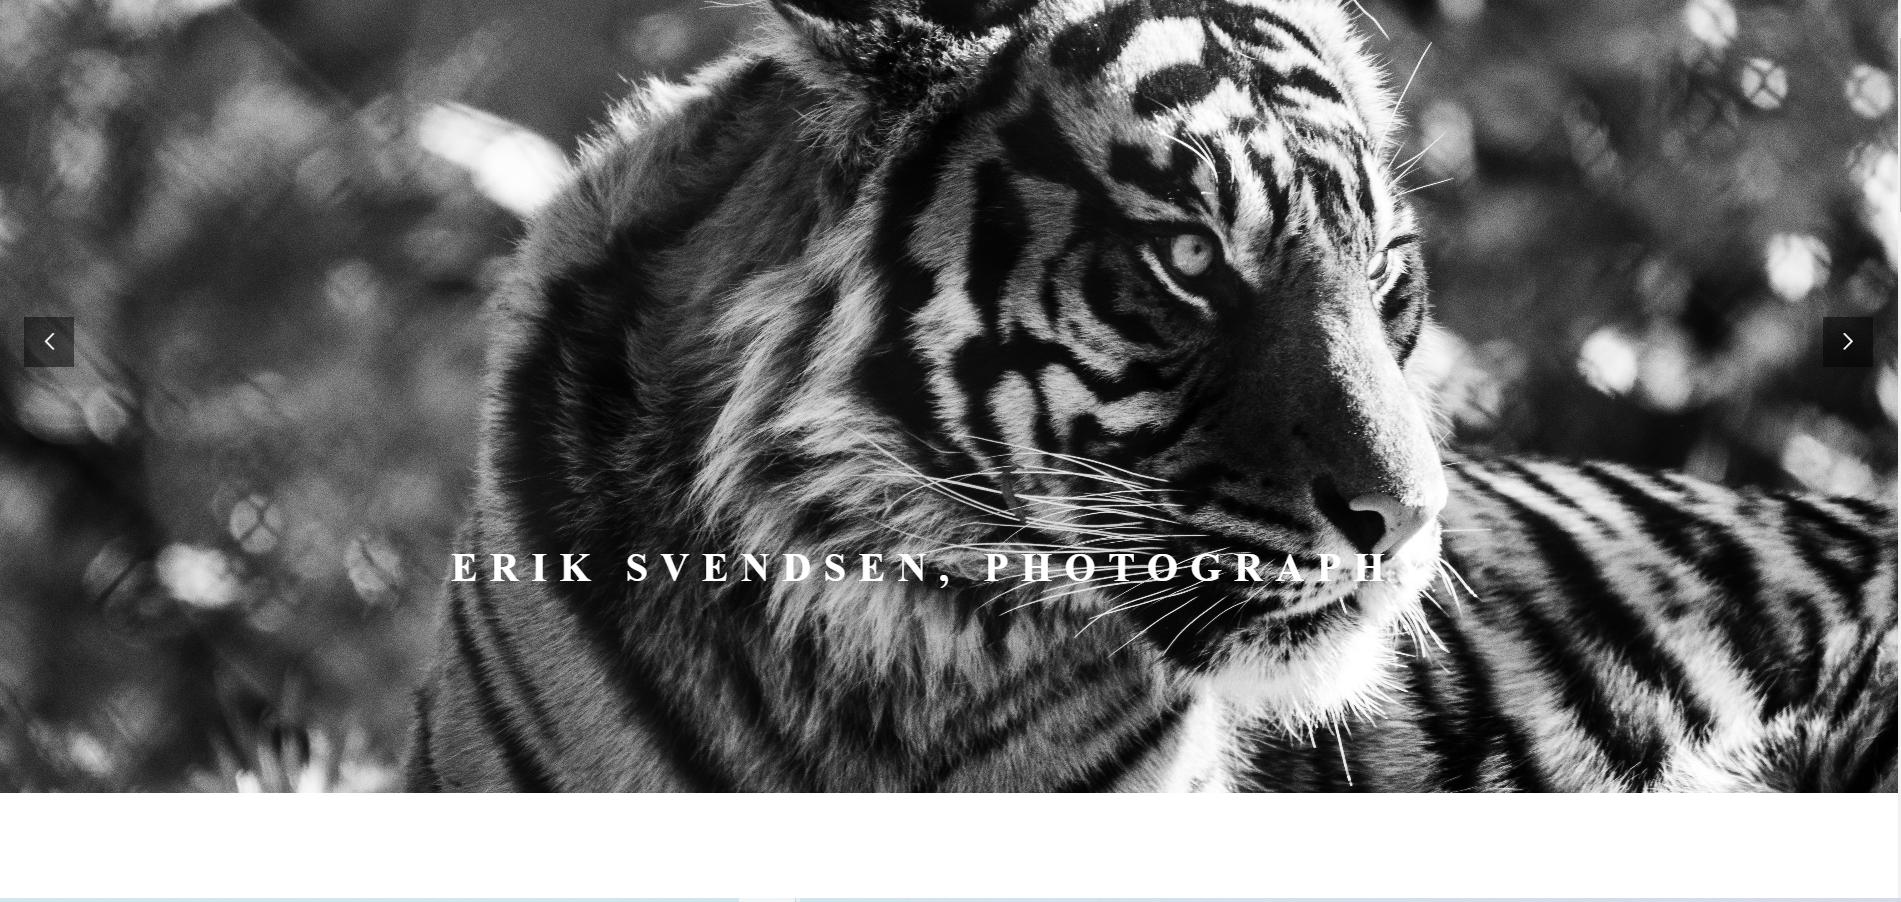 Erik Svendsen website designed by JH Web Design